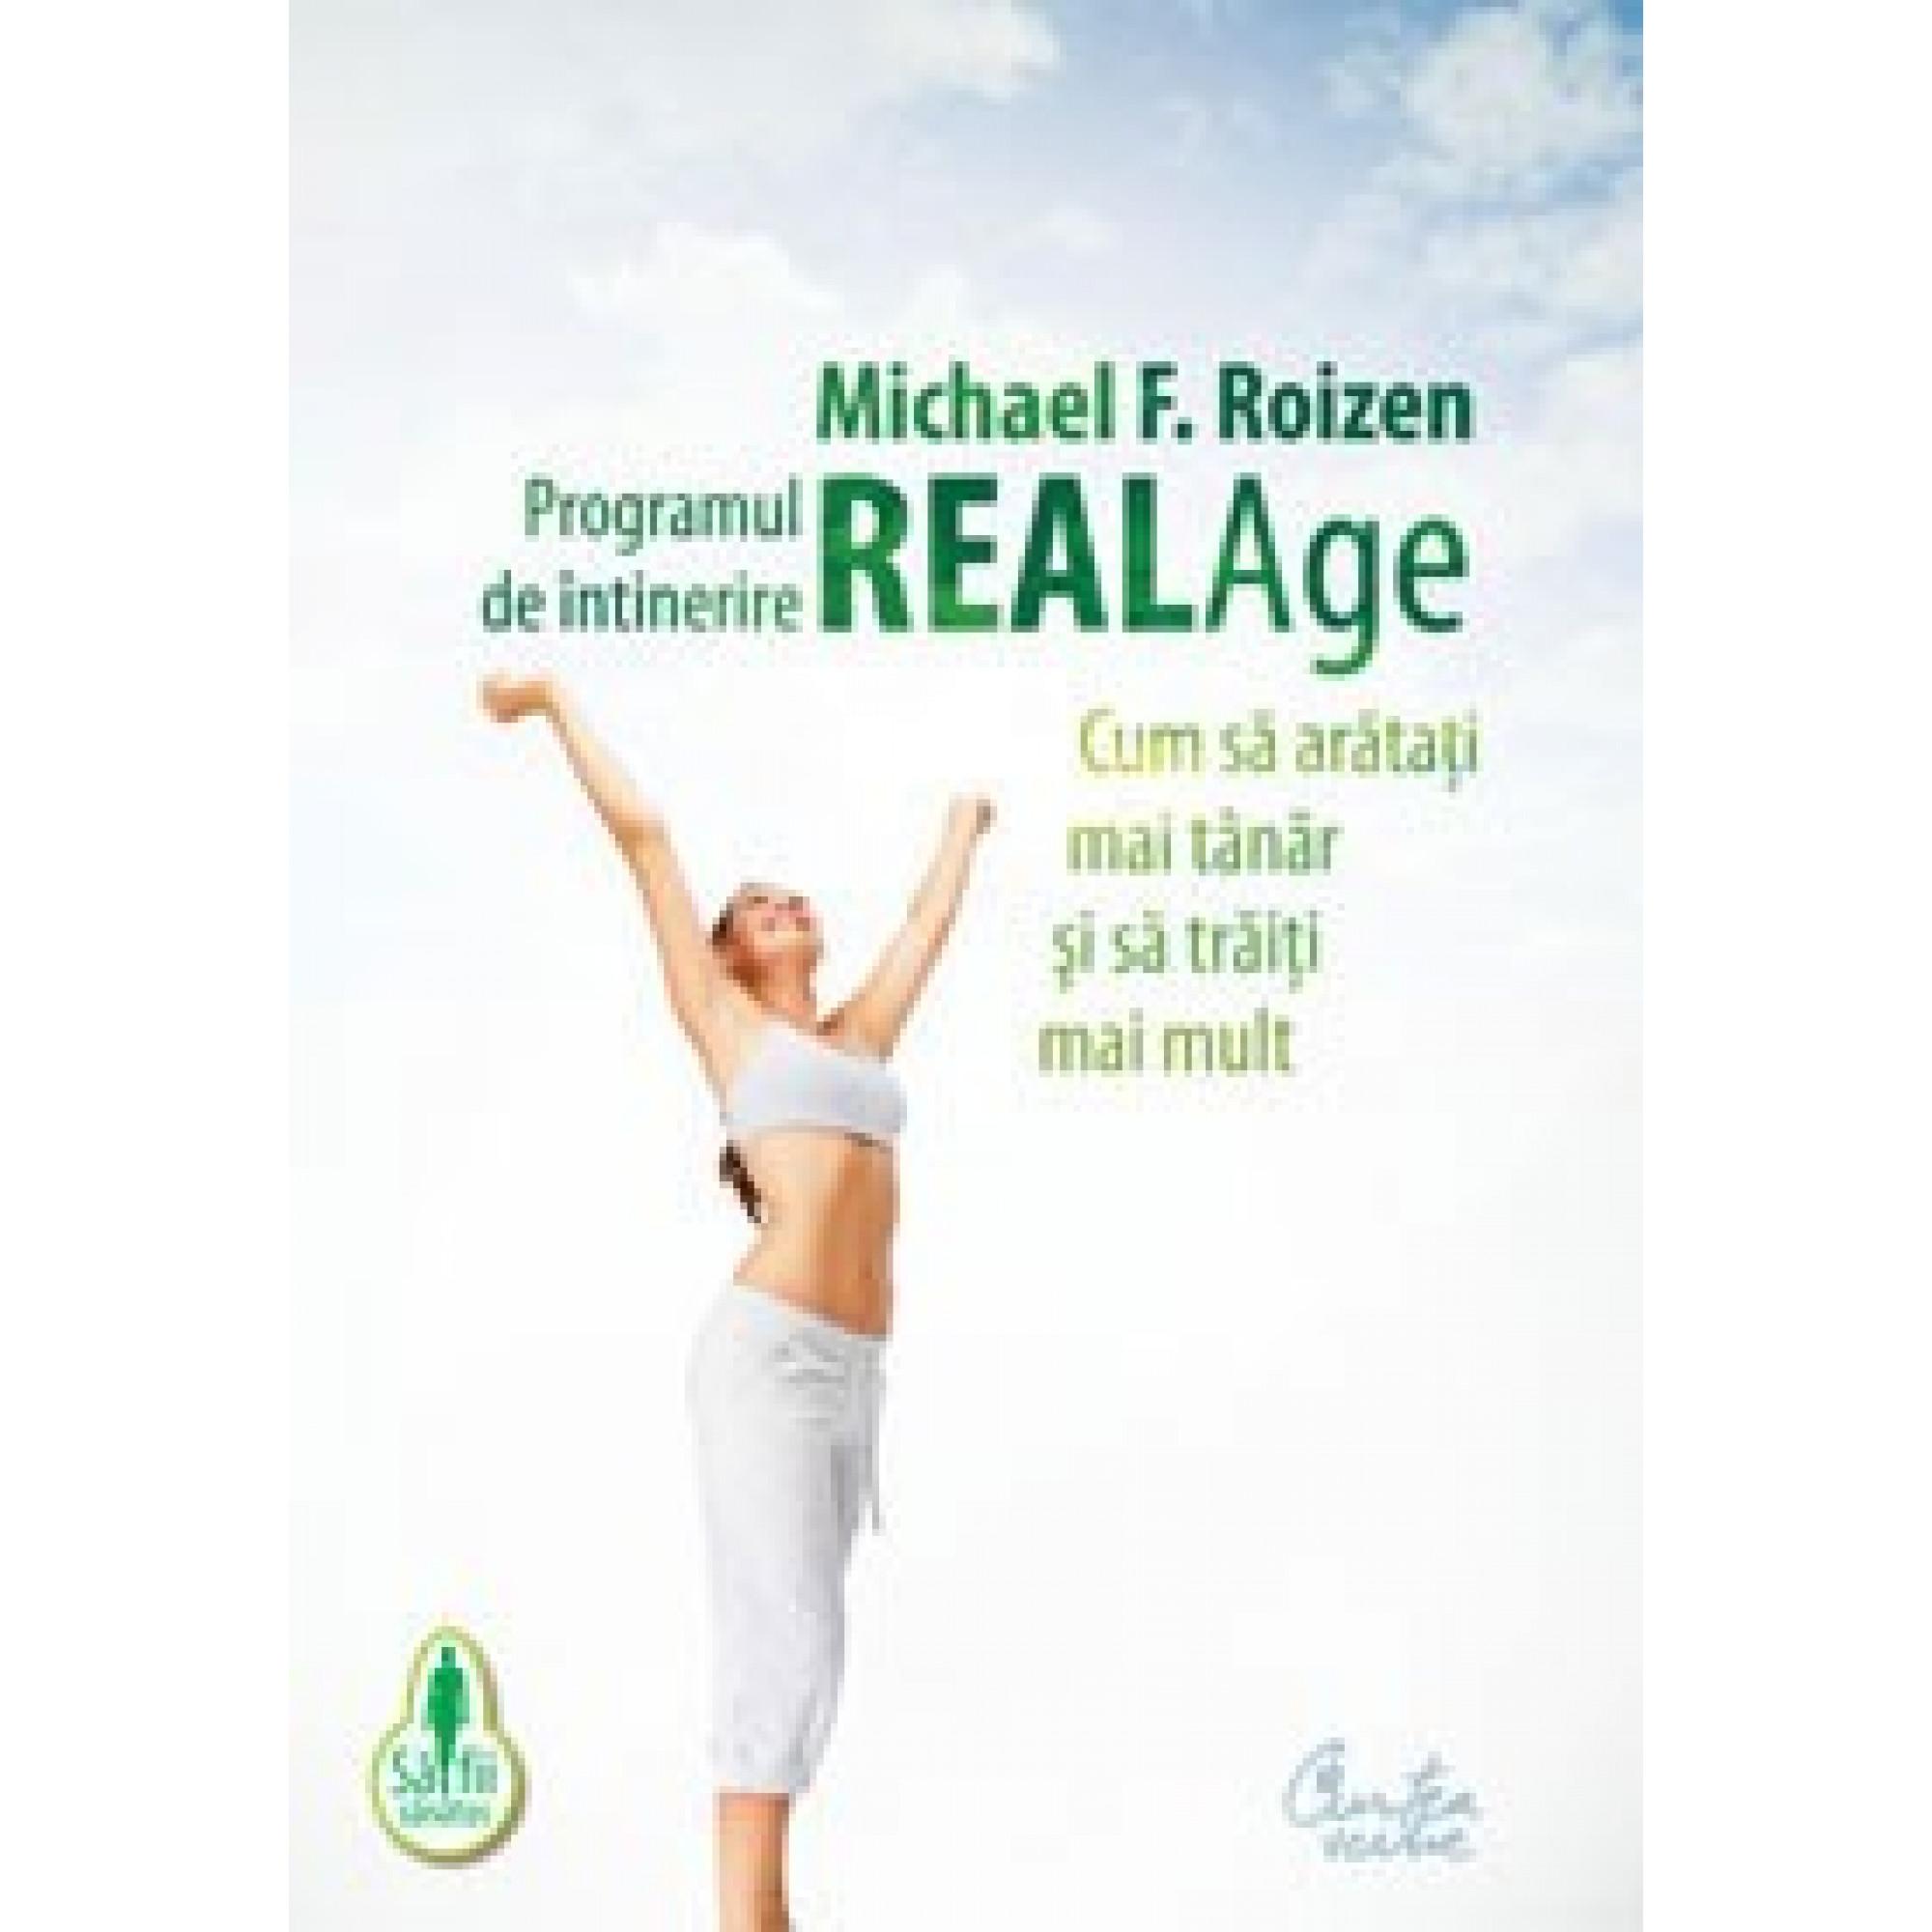 Programul de întinerire Real Age; Michael F. Roizen